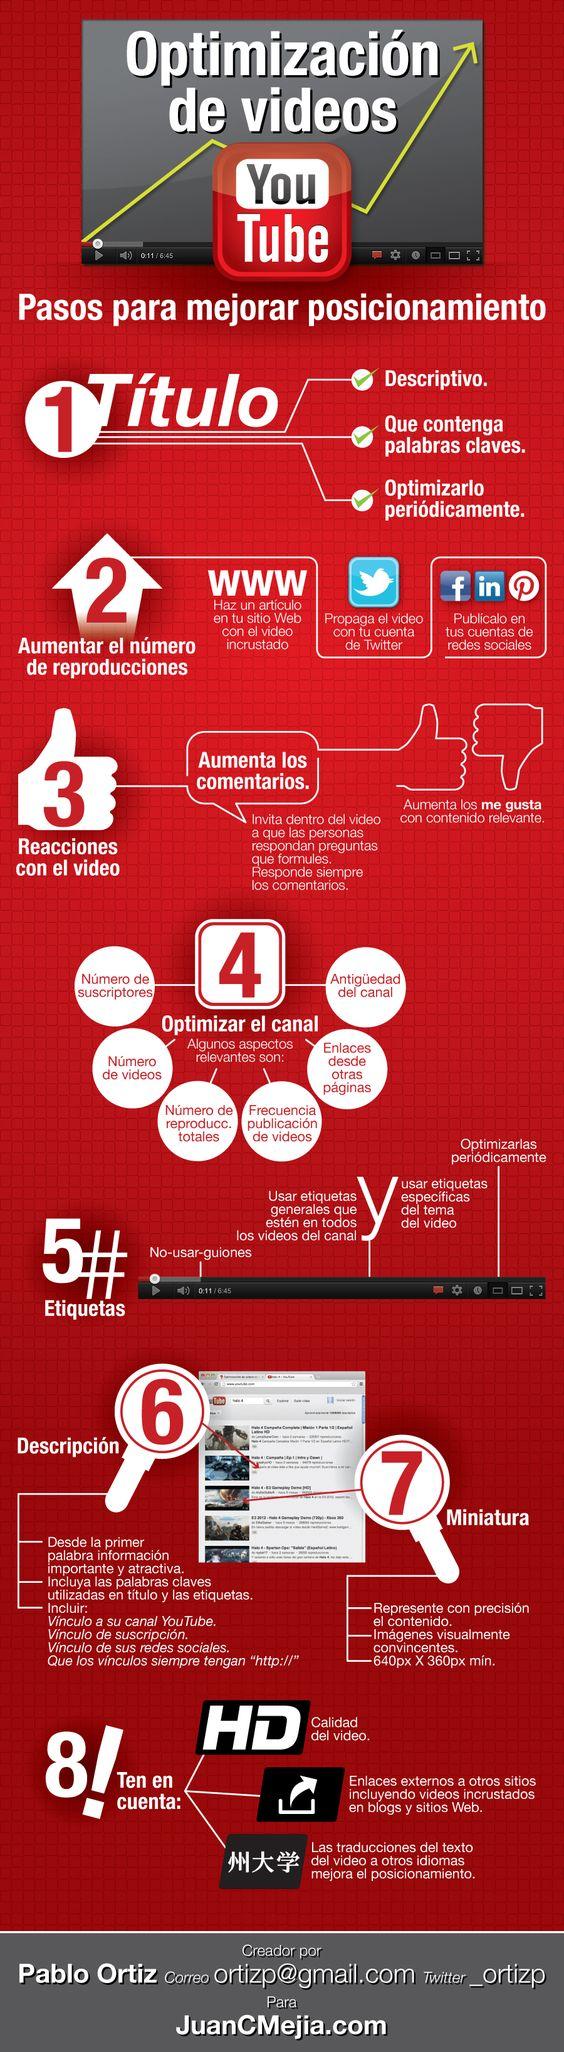 Optimización (SEO) de videos. 8 pasos para mejorar el posicionamiento. #Infografía en español